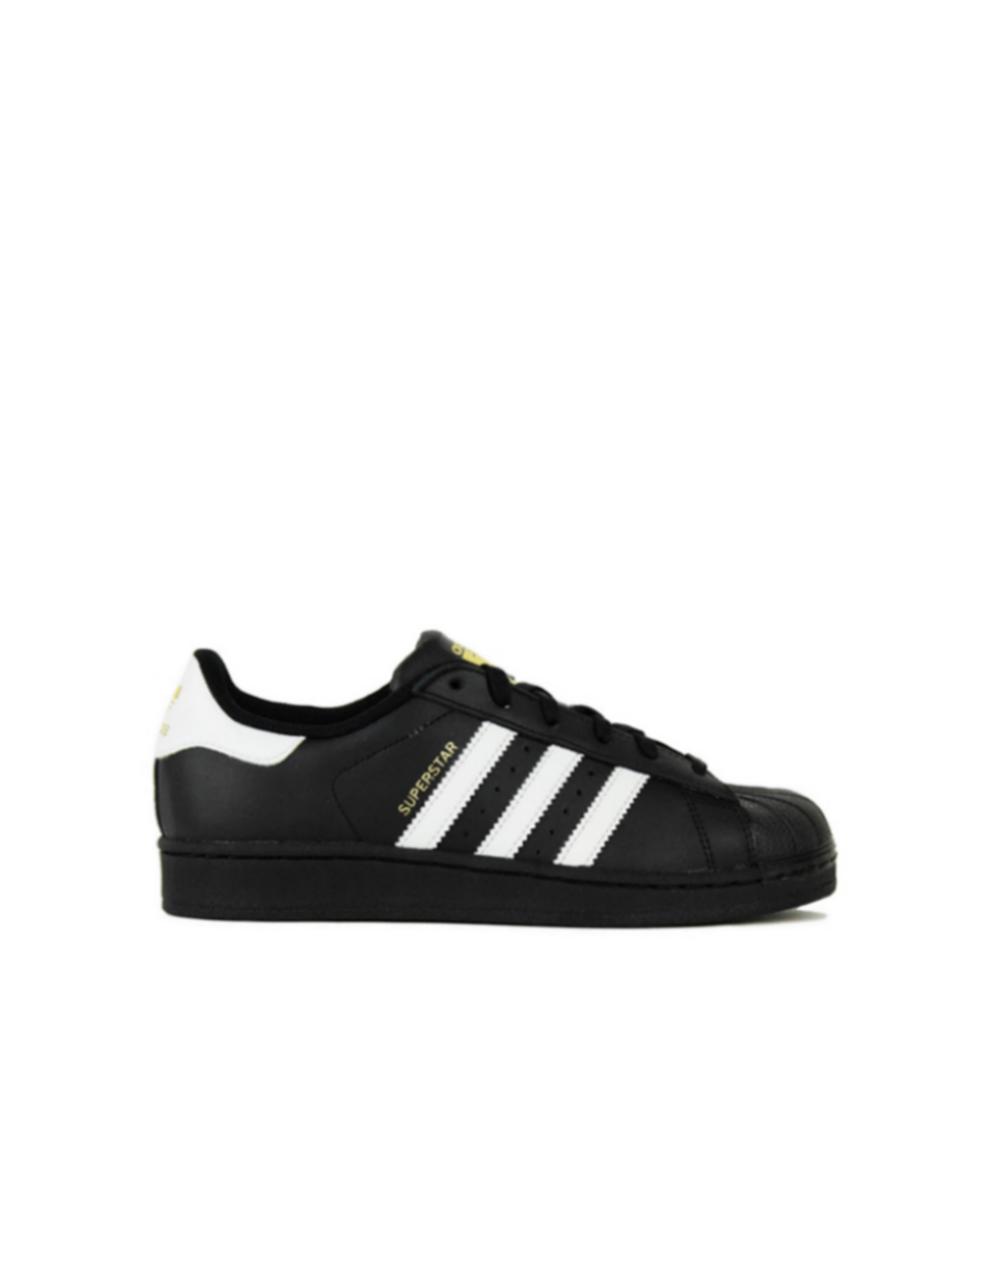 69a072ed72c Adidas Superstar Foundation Black (B27140) | Eleven